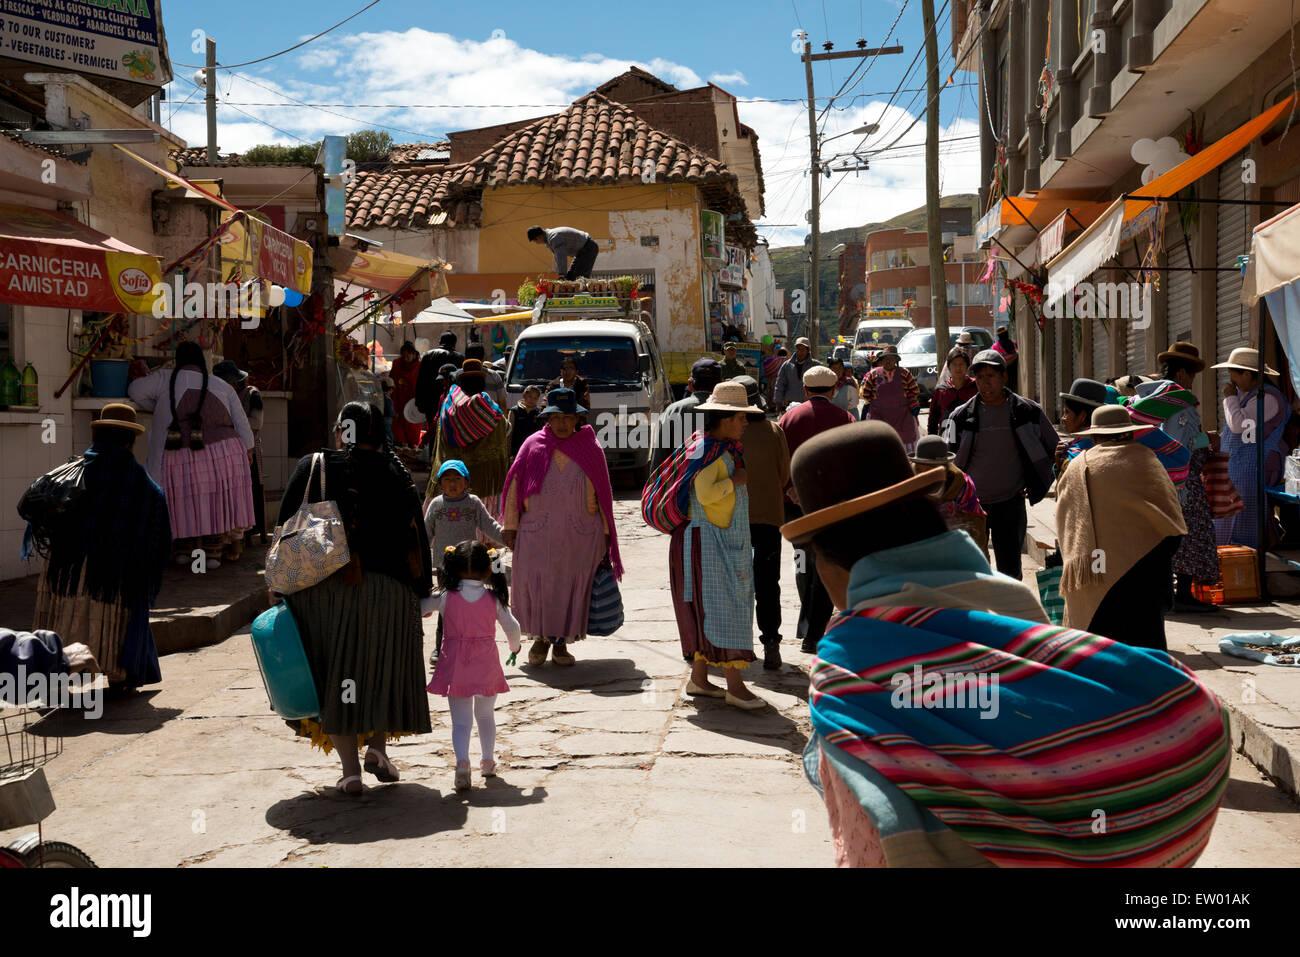 Bolivian street scene. - Stock Image